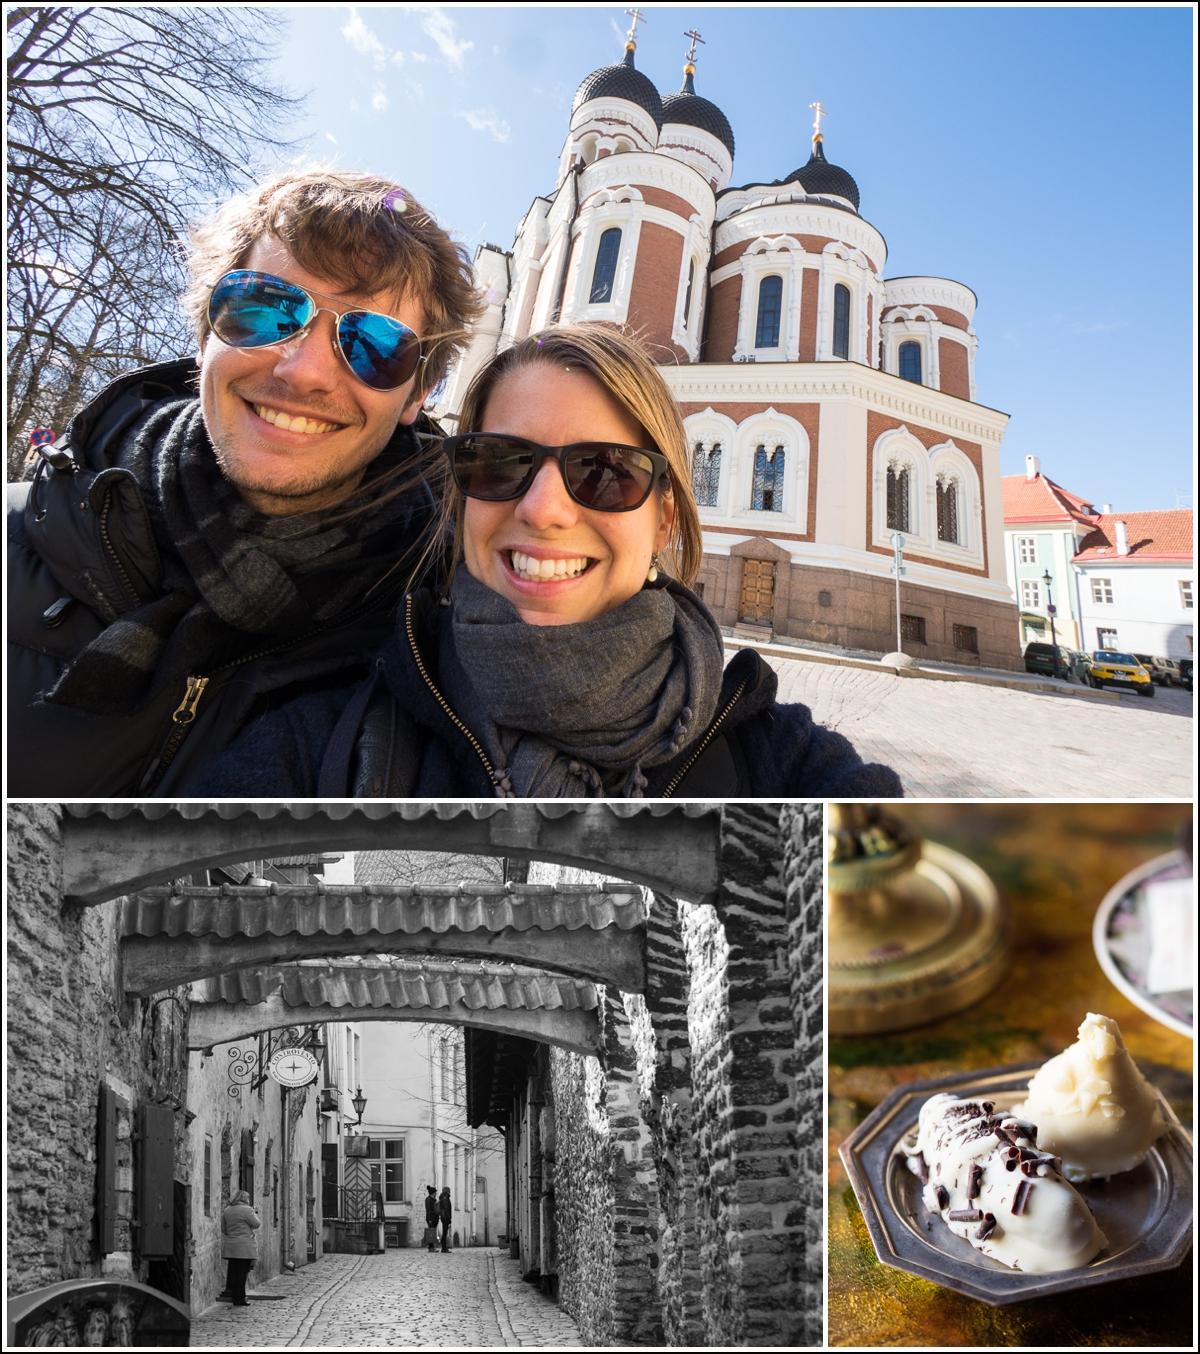 Tallinn-reise-tilbakeblikk